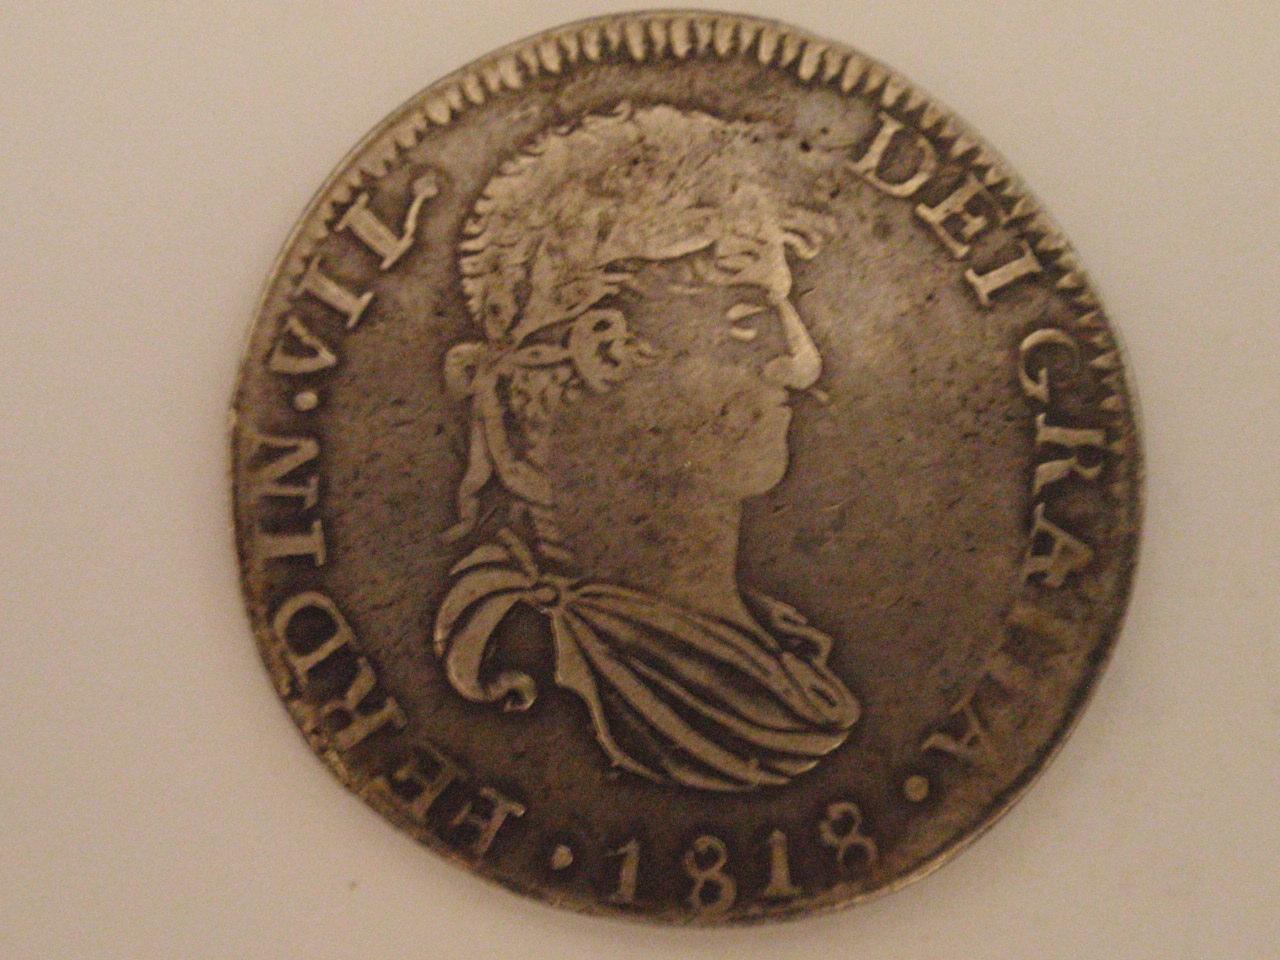 8 reales 1818 Zacatecas James Franco in sua memoria dedit. 8_reales_015